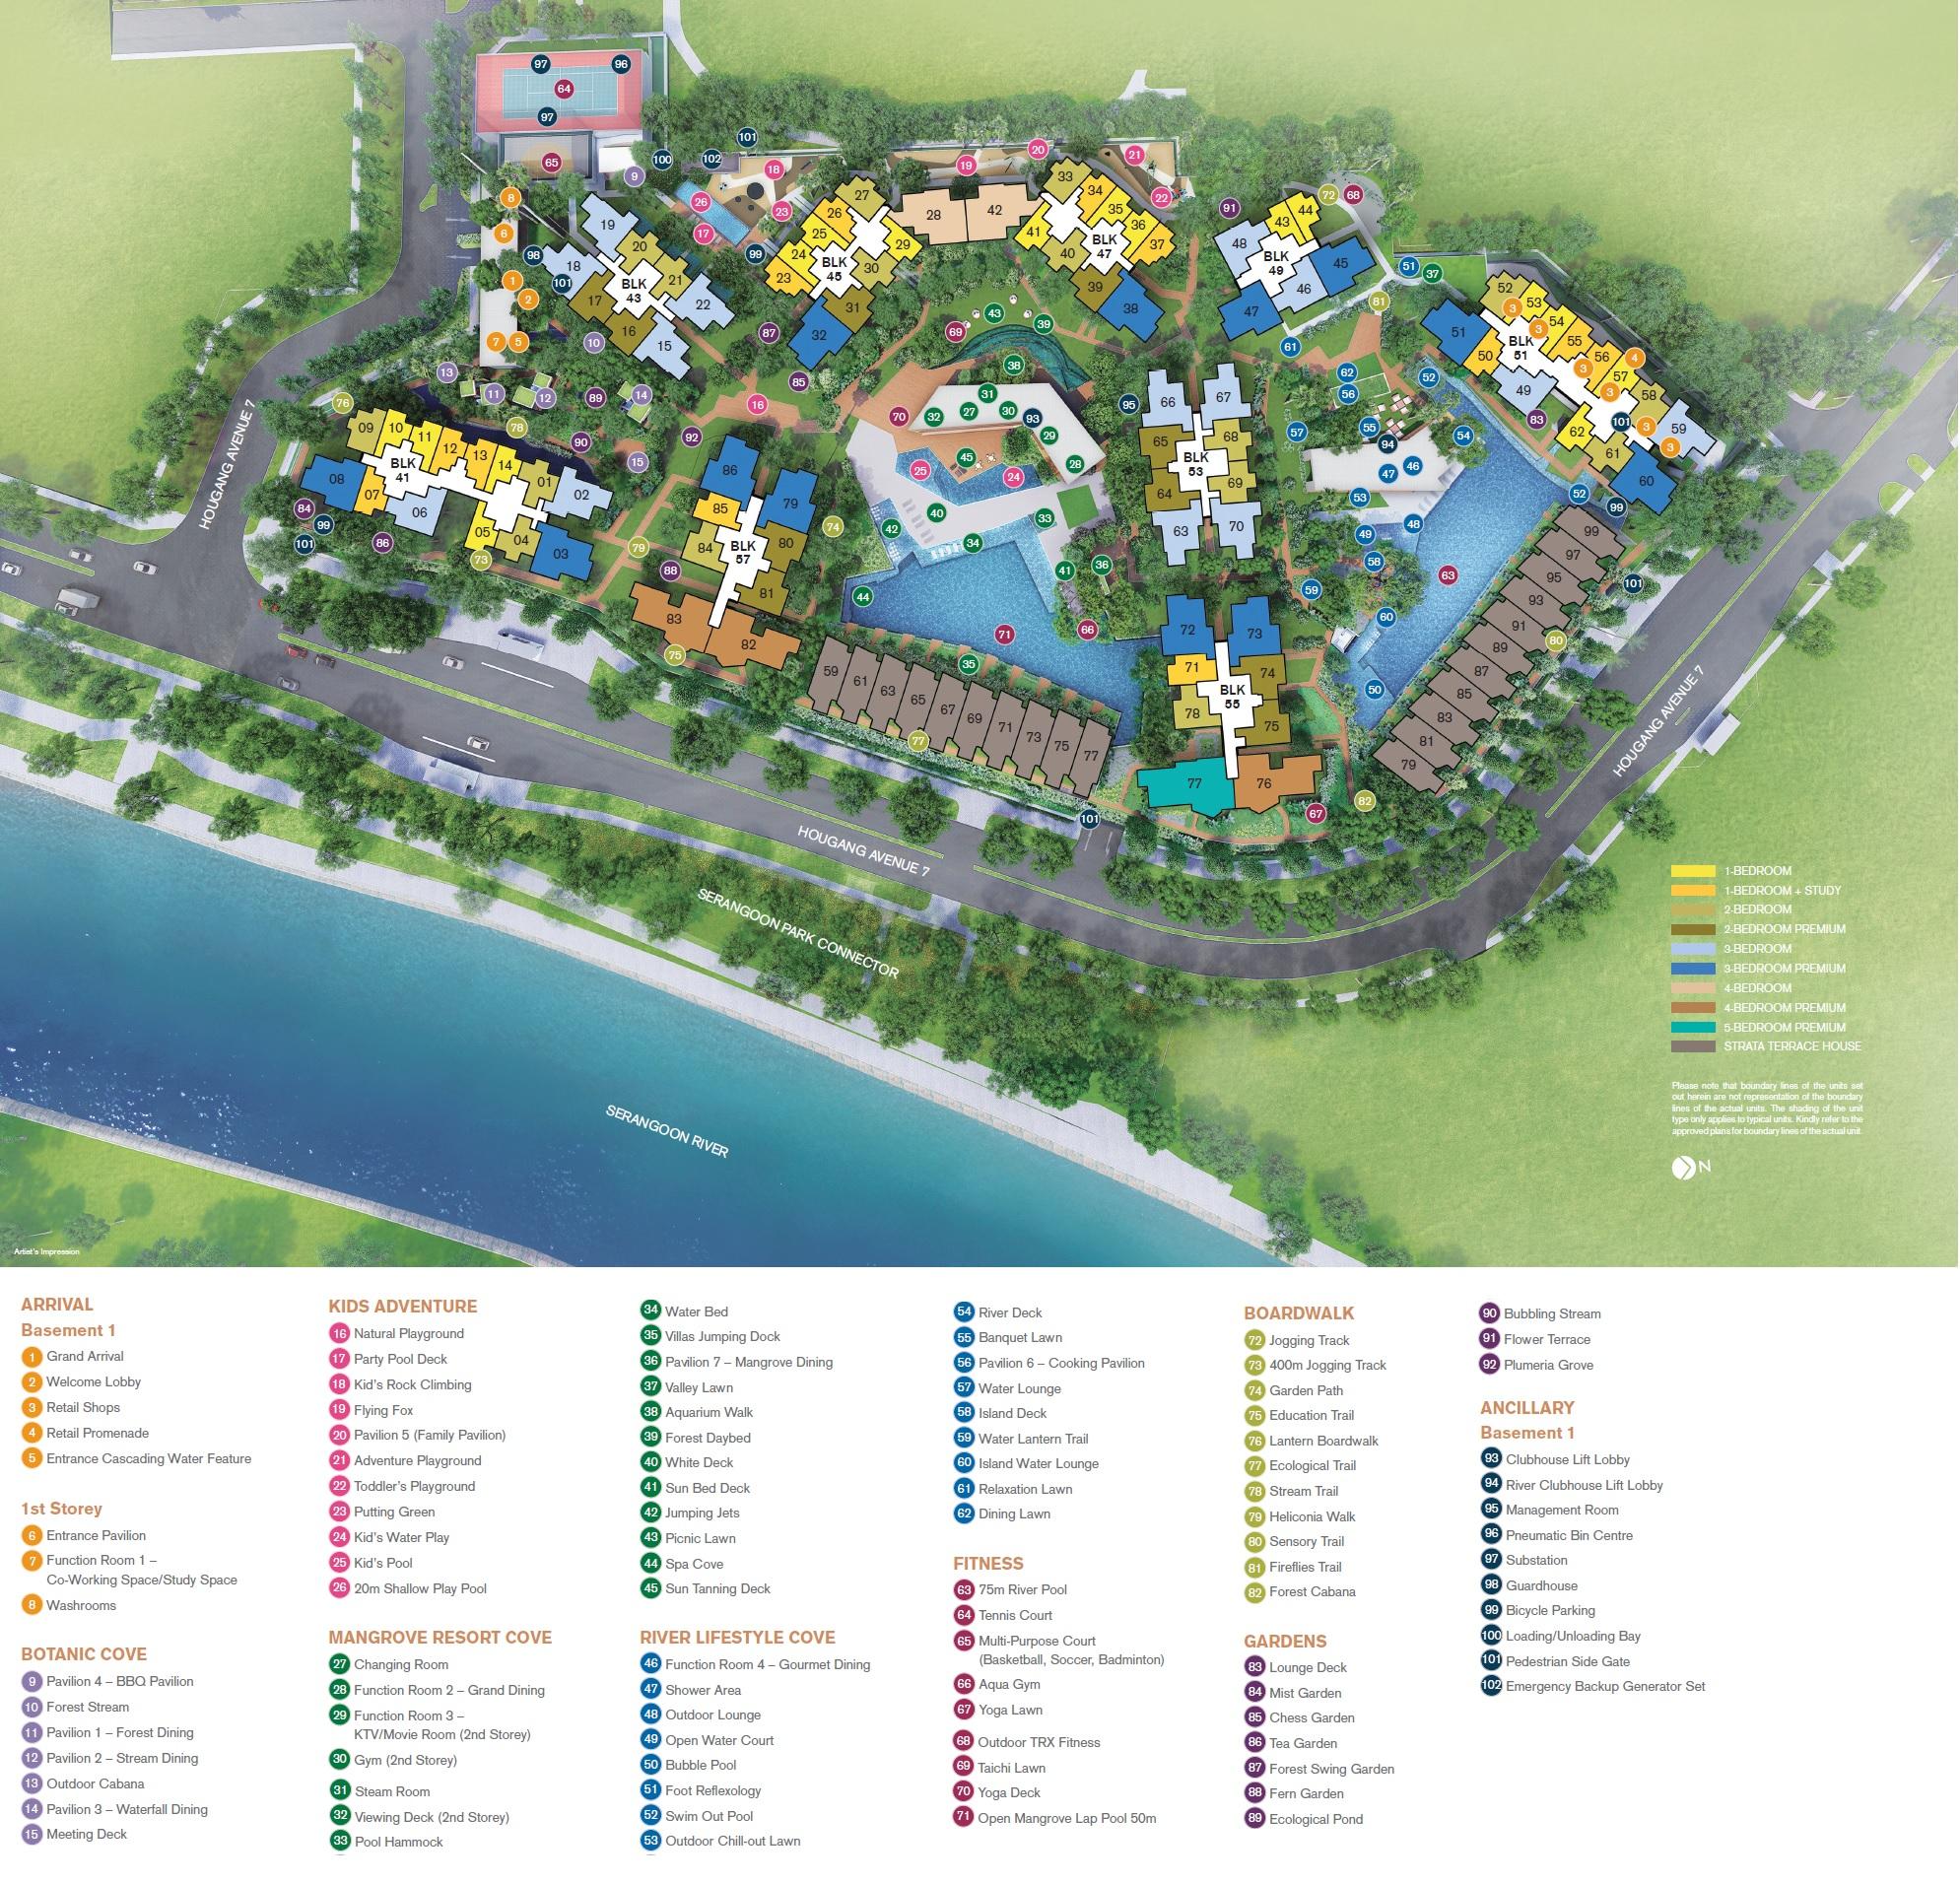 Riverfront Residences site plan